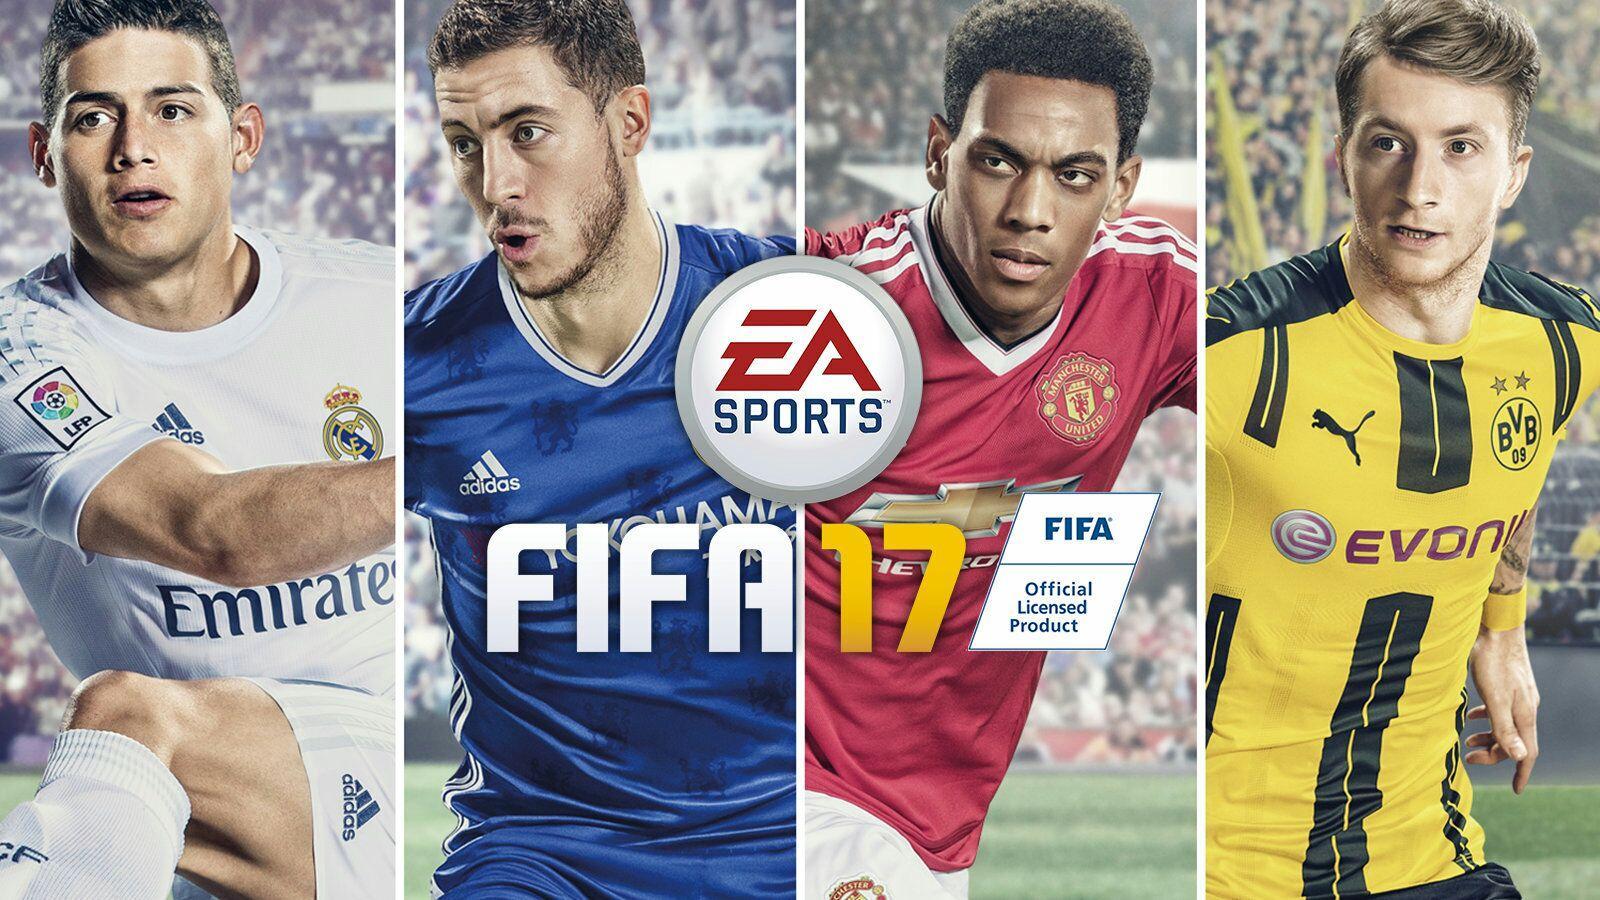 Fifa 17 jouable gratuitement du 24 au 27 novembre sur PS4 et Xbox One